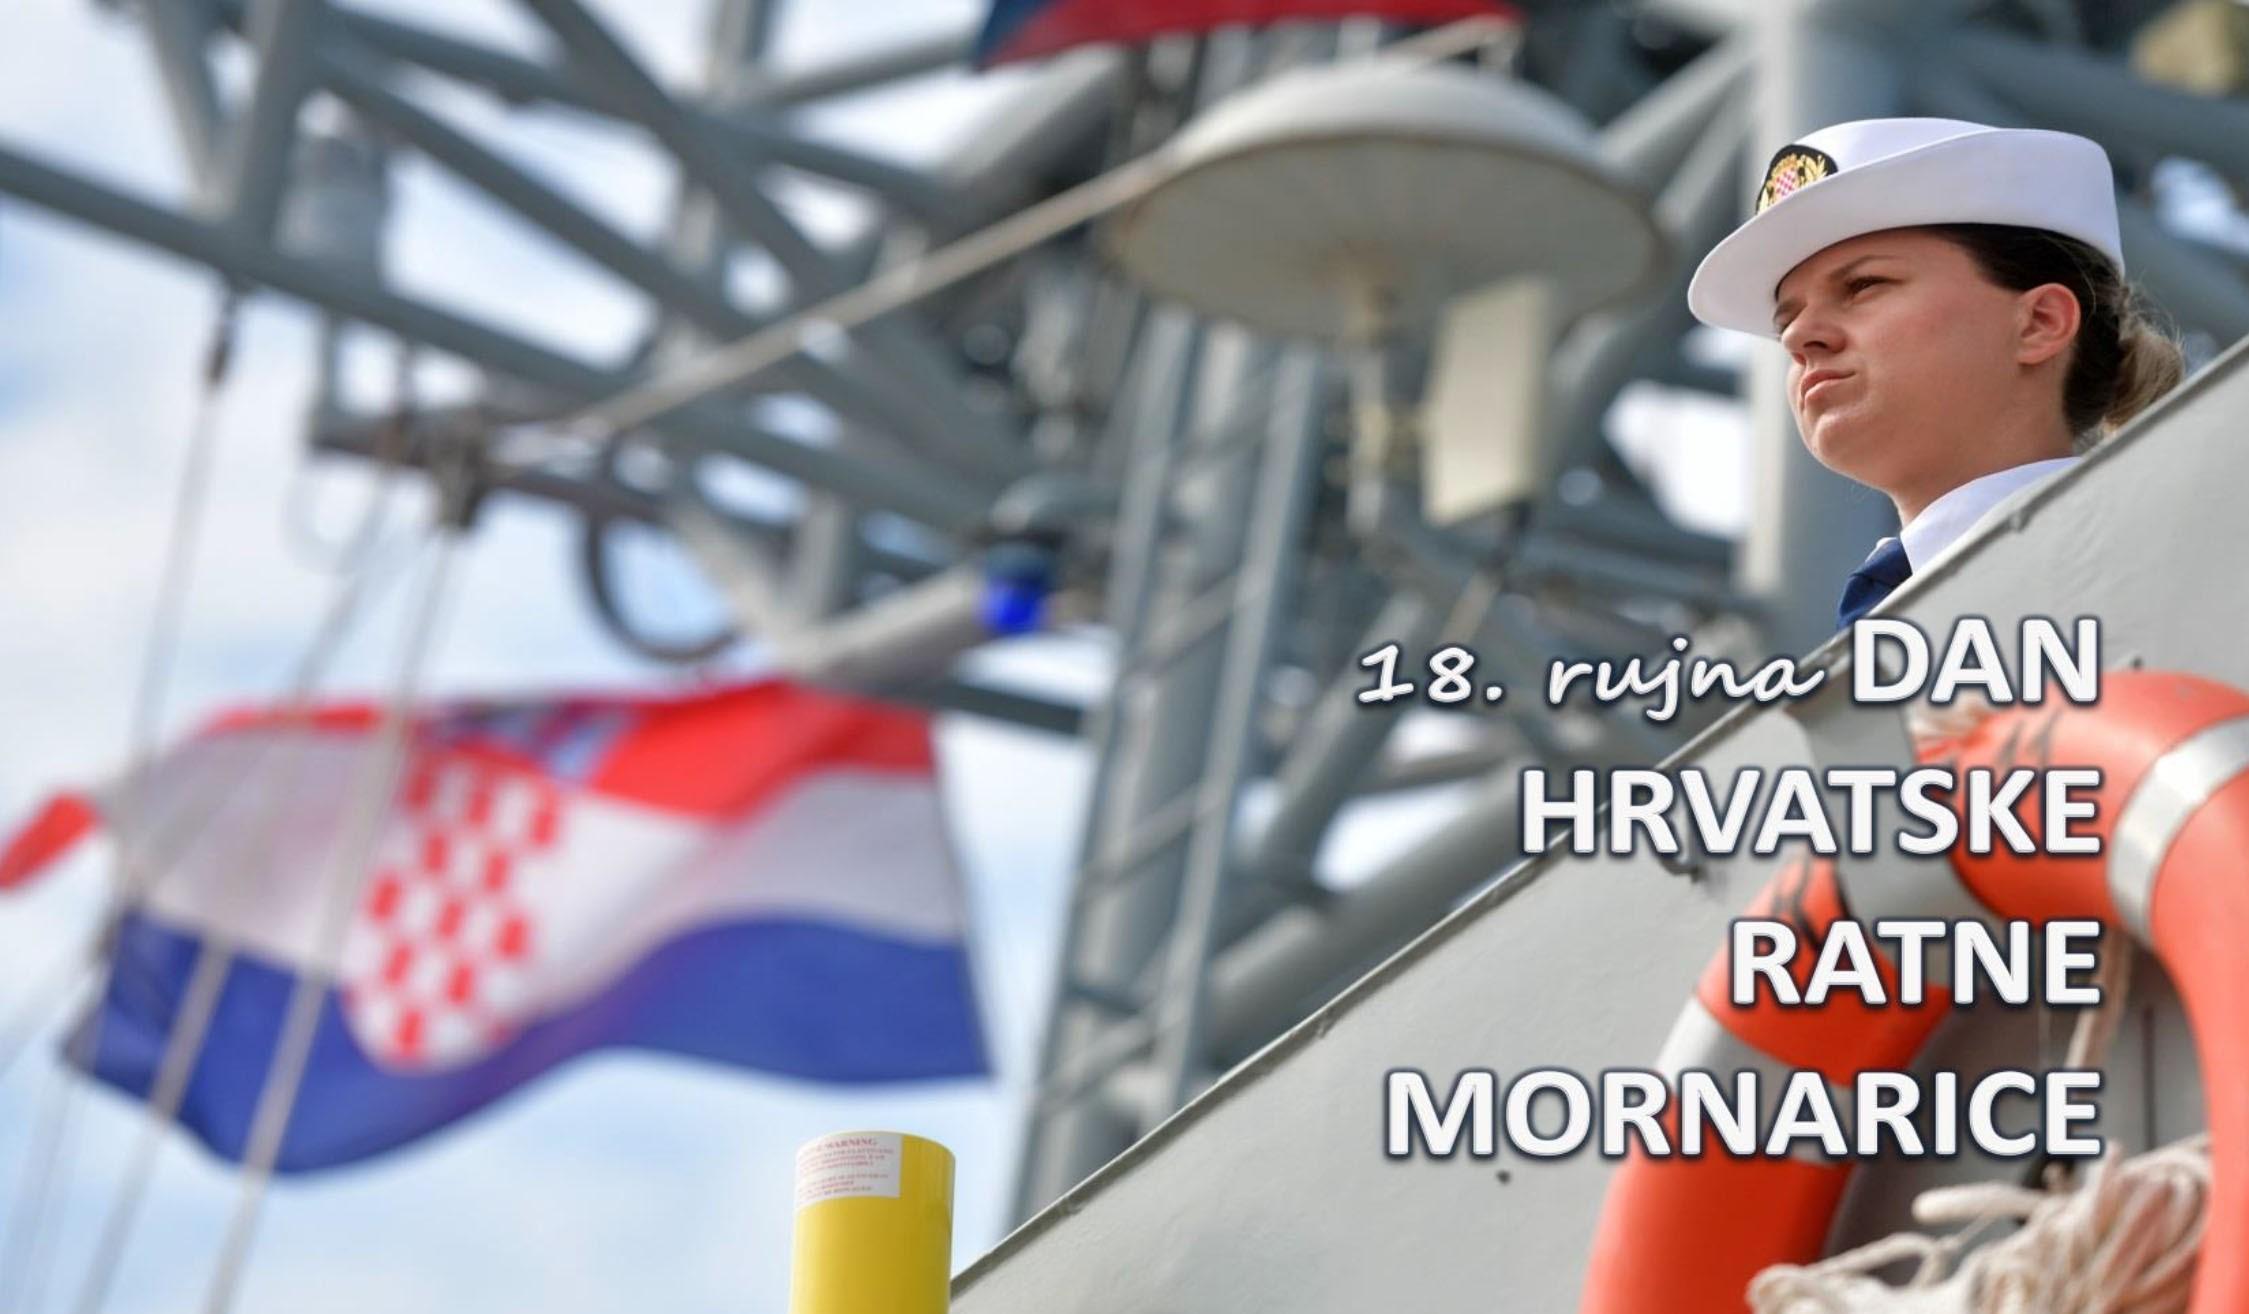 Čestitamo 30. obljetnicu osnutka Hrvatske ratne mornarice